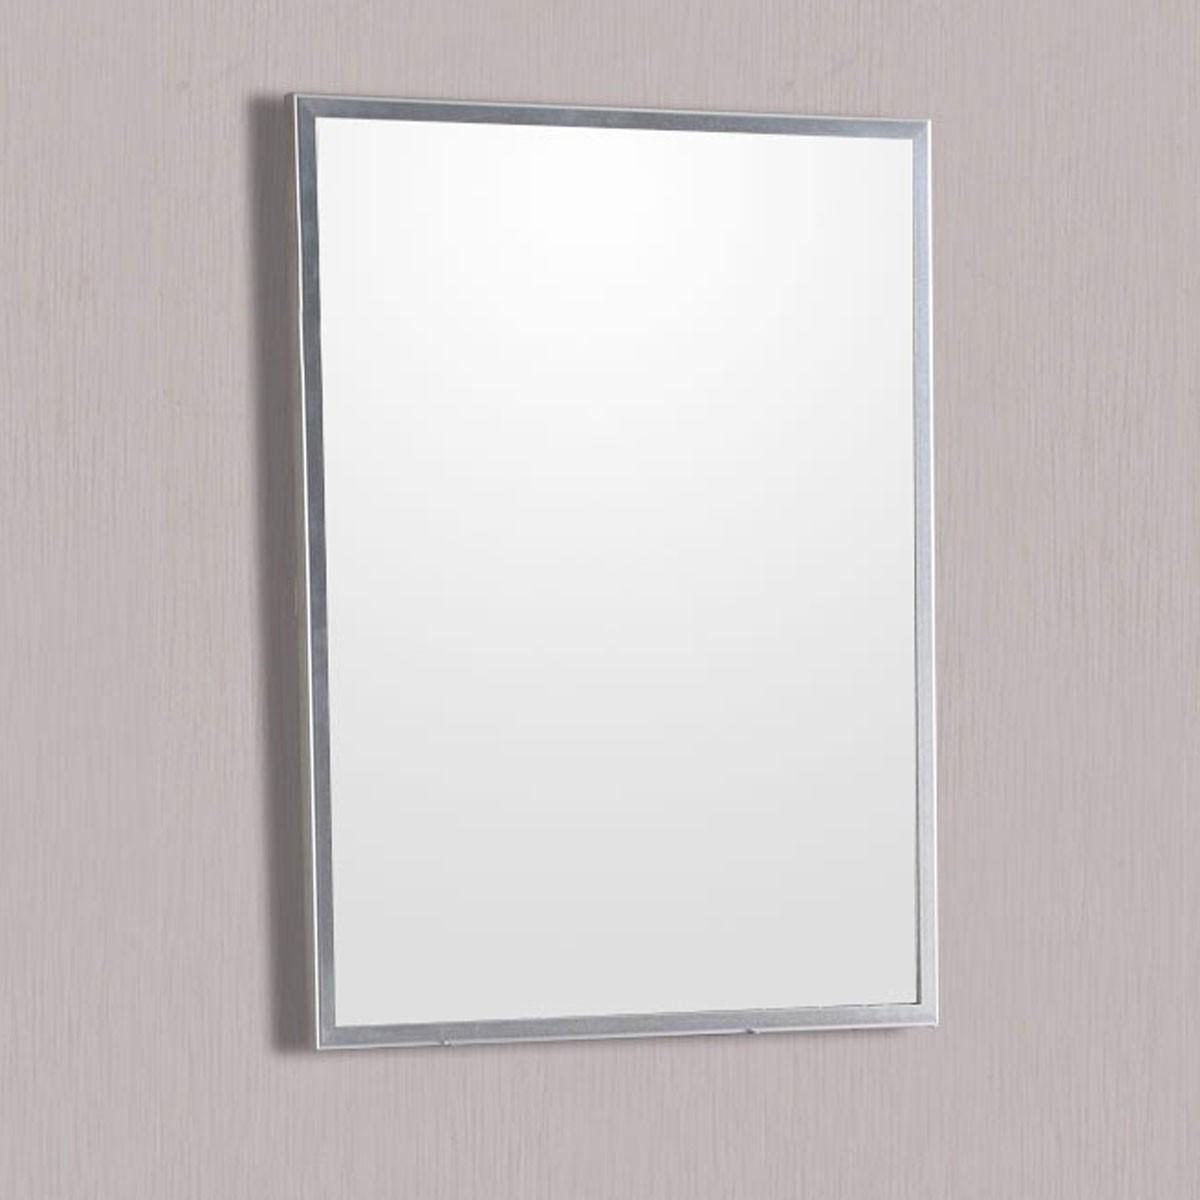 24 X 31 In. Bathroom Vanity Mirror (DK T5010C M)